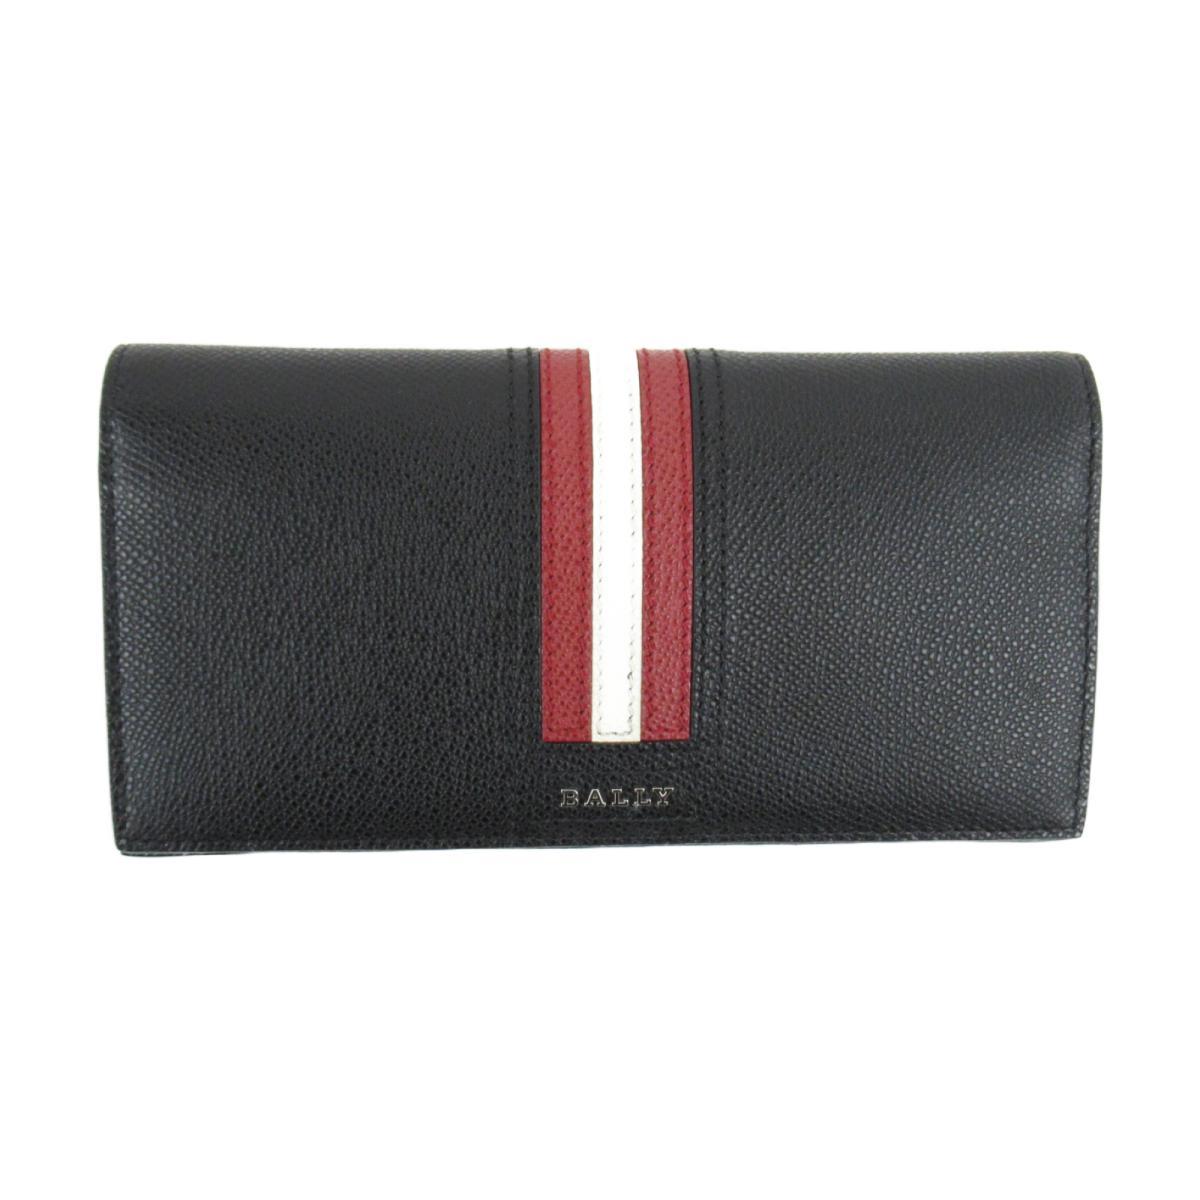 バリー ストライプ ZIP長財布 メンズ レザー ブラック (6218067) | BALLY BRANDOFF ブランドオフ レディース ブランド ブランド財布 財布 サイフ